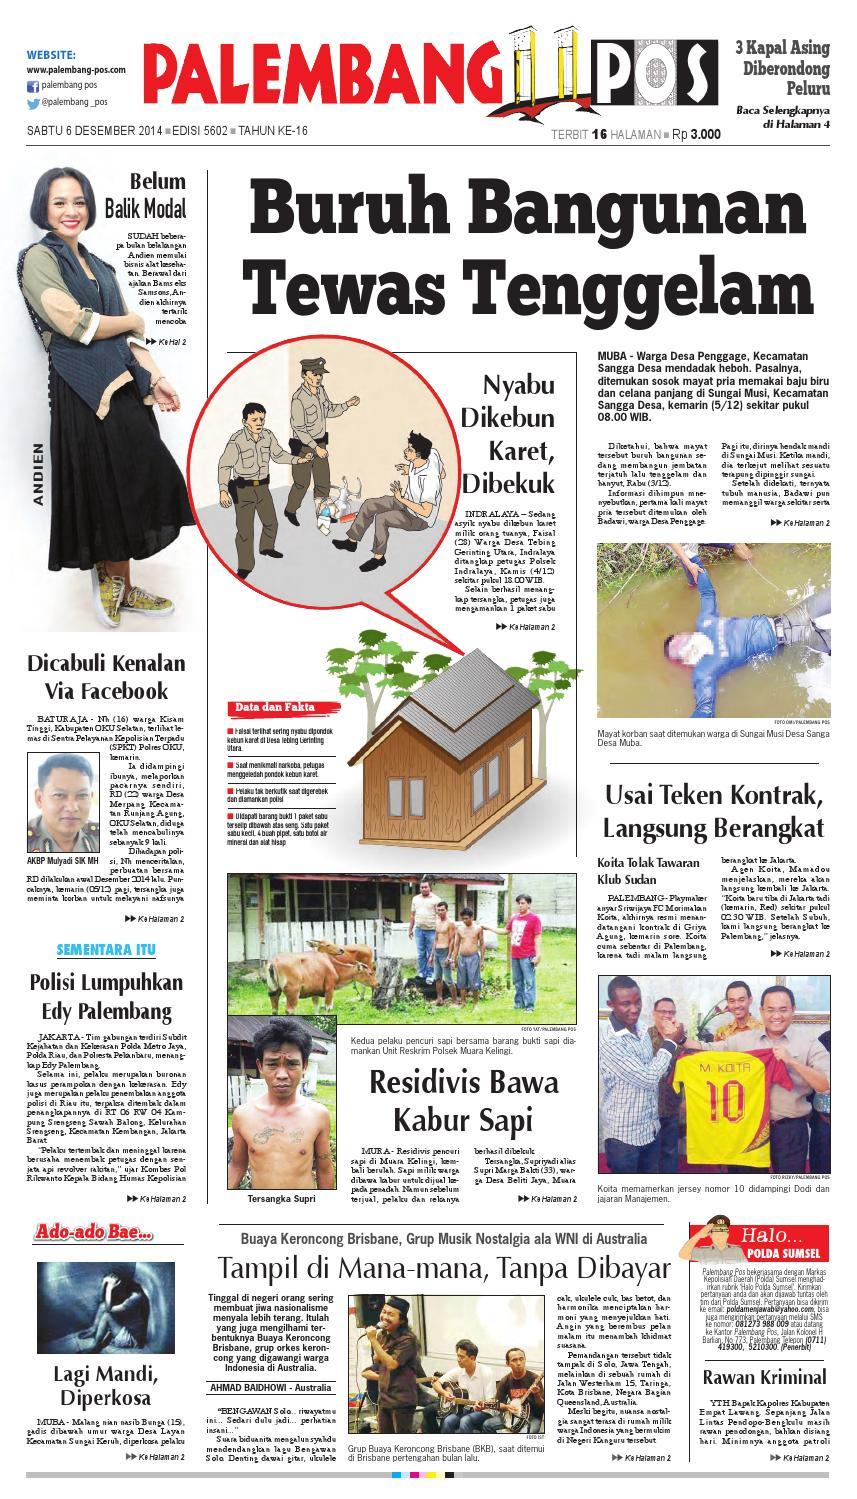 Palembang Pos Edisi Sabtu 5 Desember 2014 By Palembang Pos Issuu